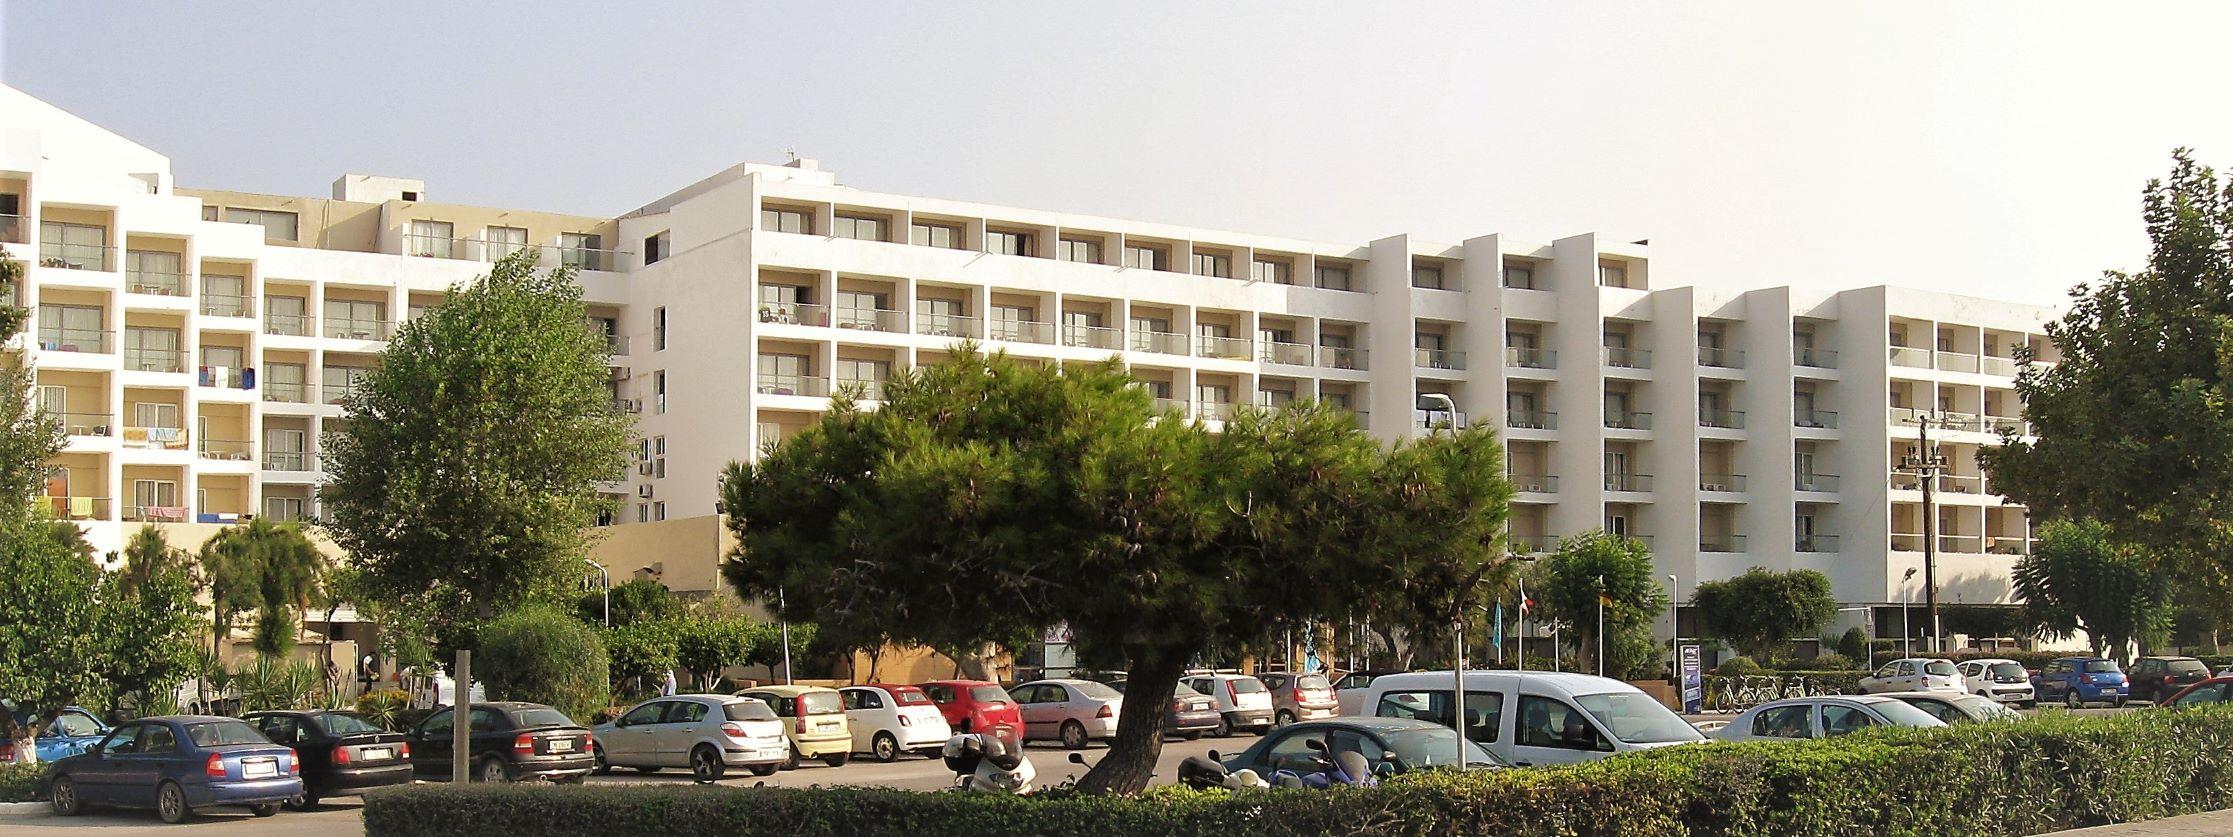 Rhodes-doreta beach